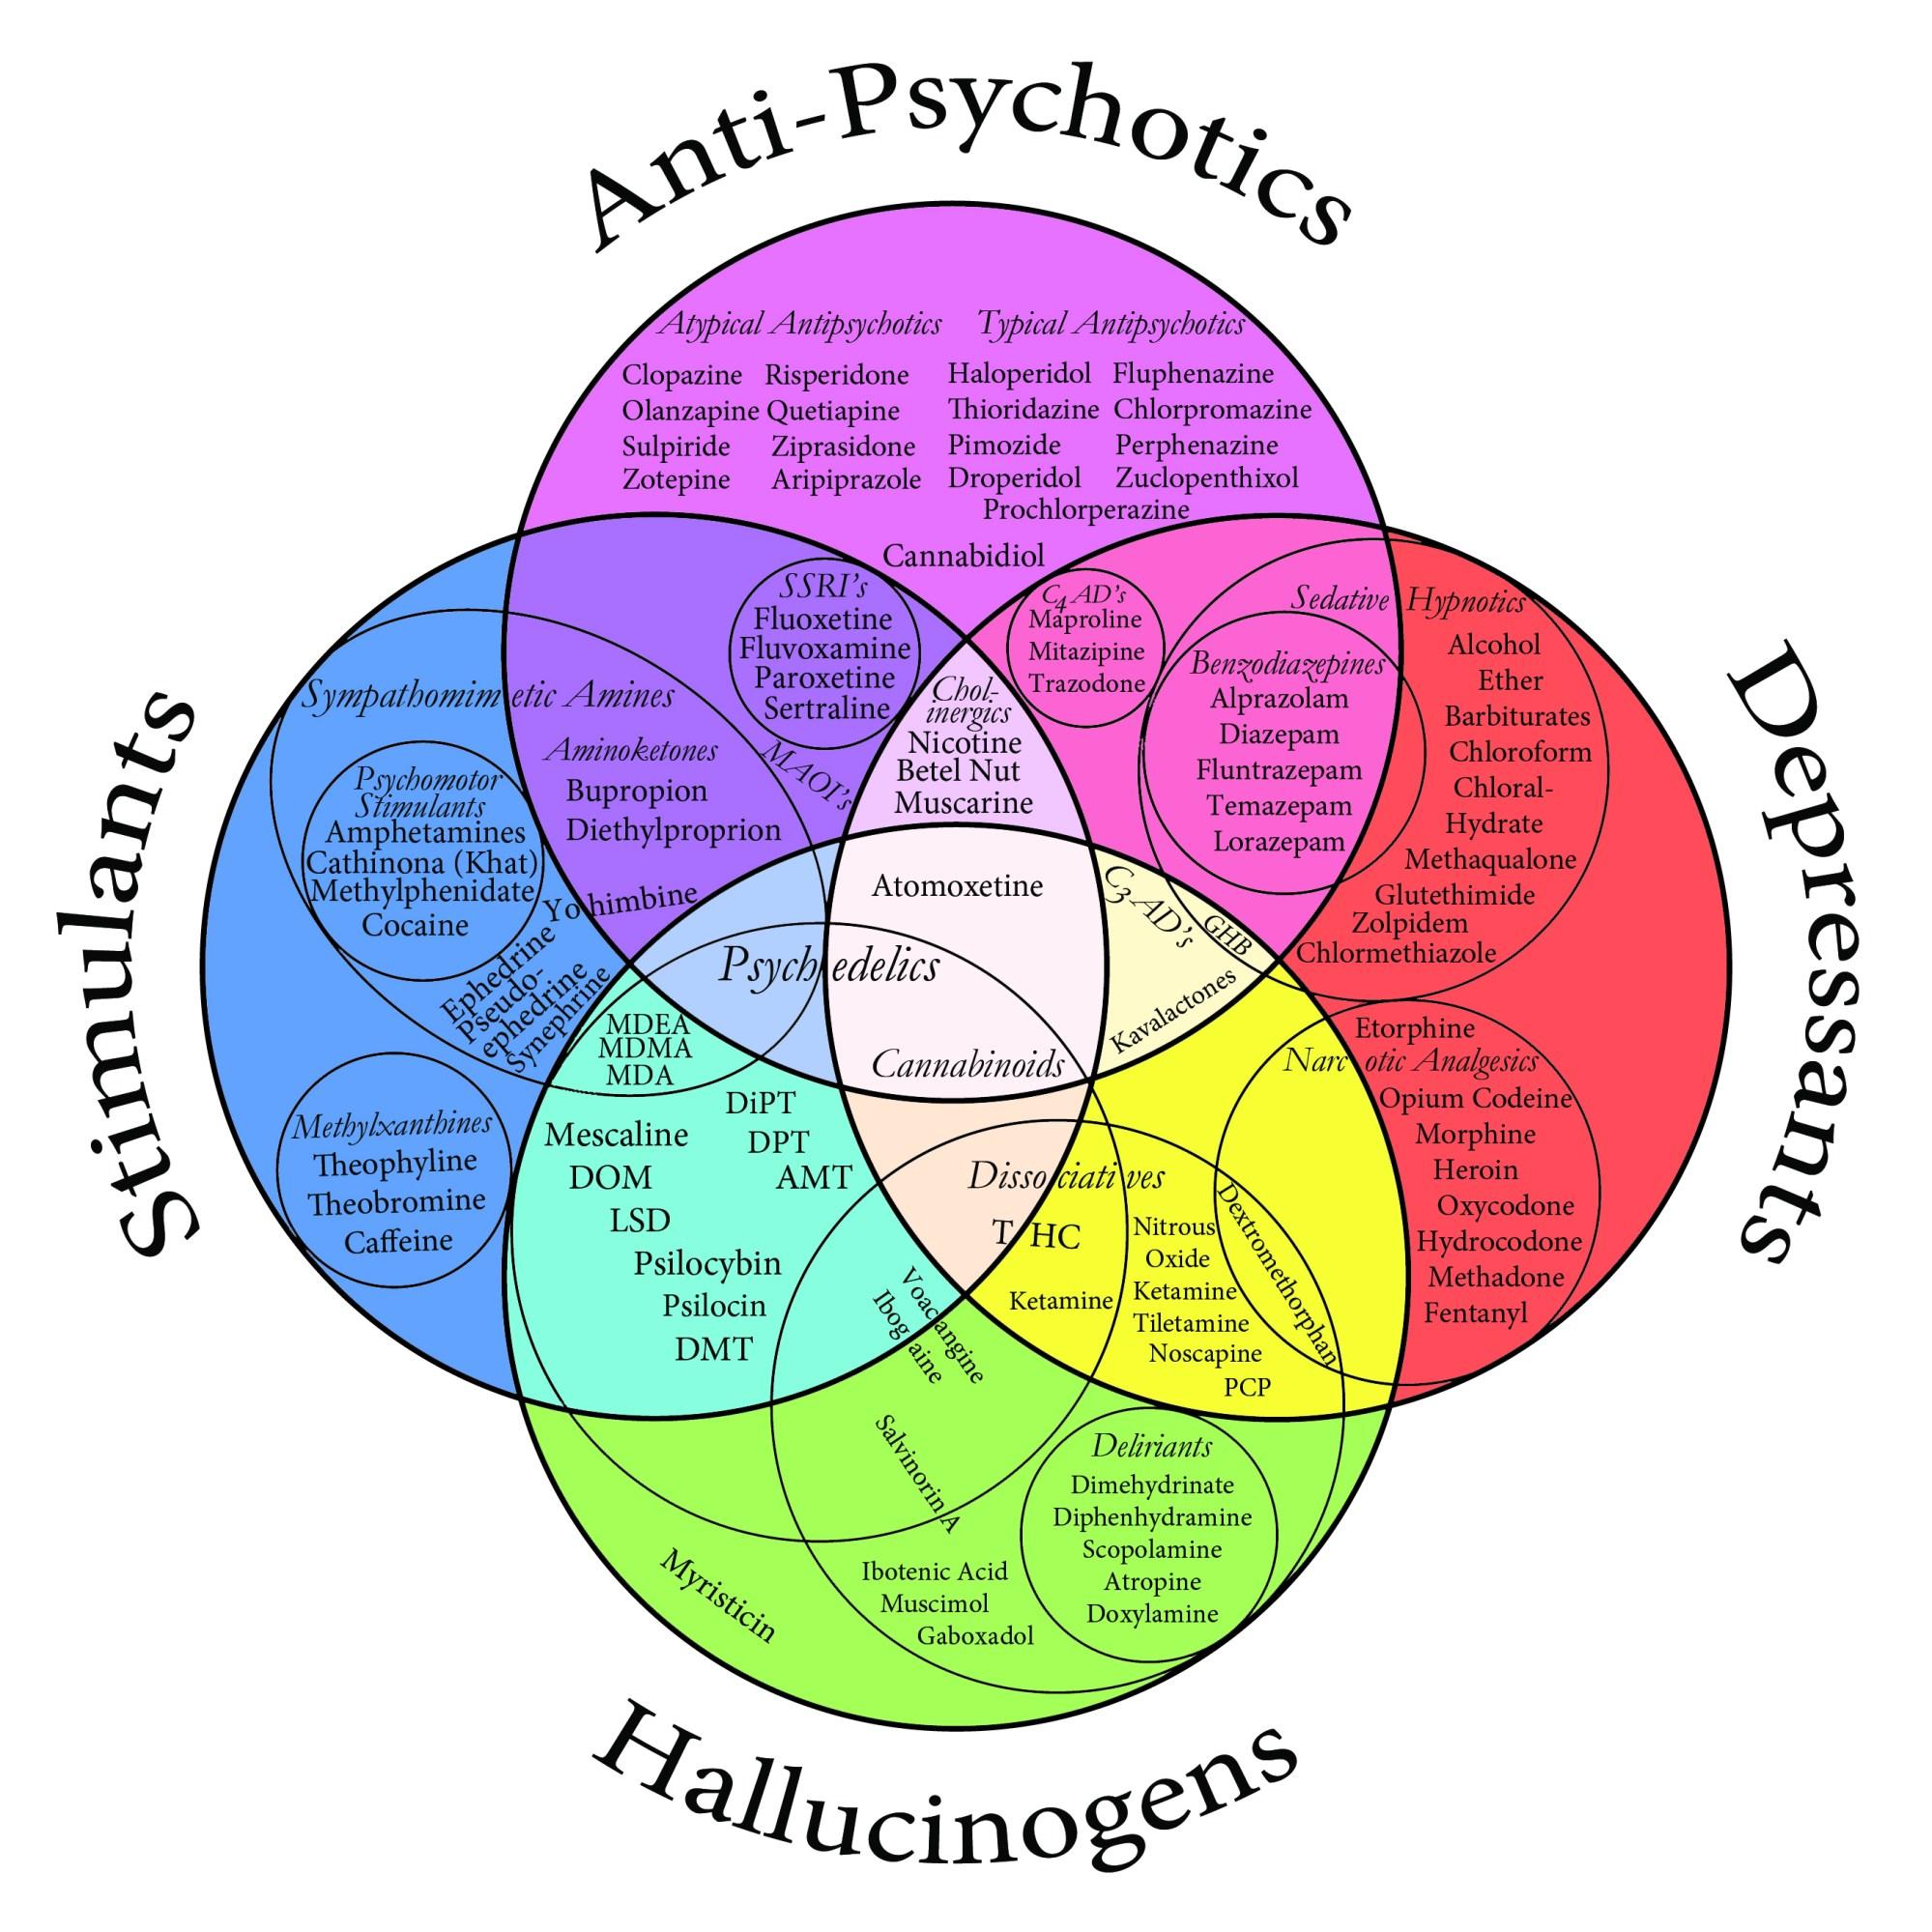 hight resolution of file drug chart color jpg